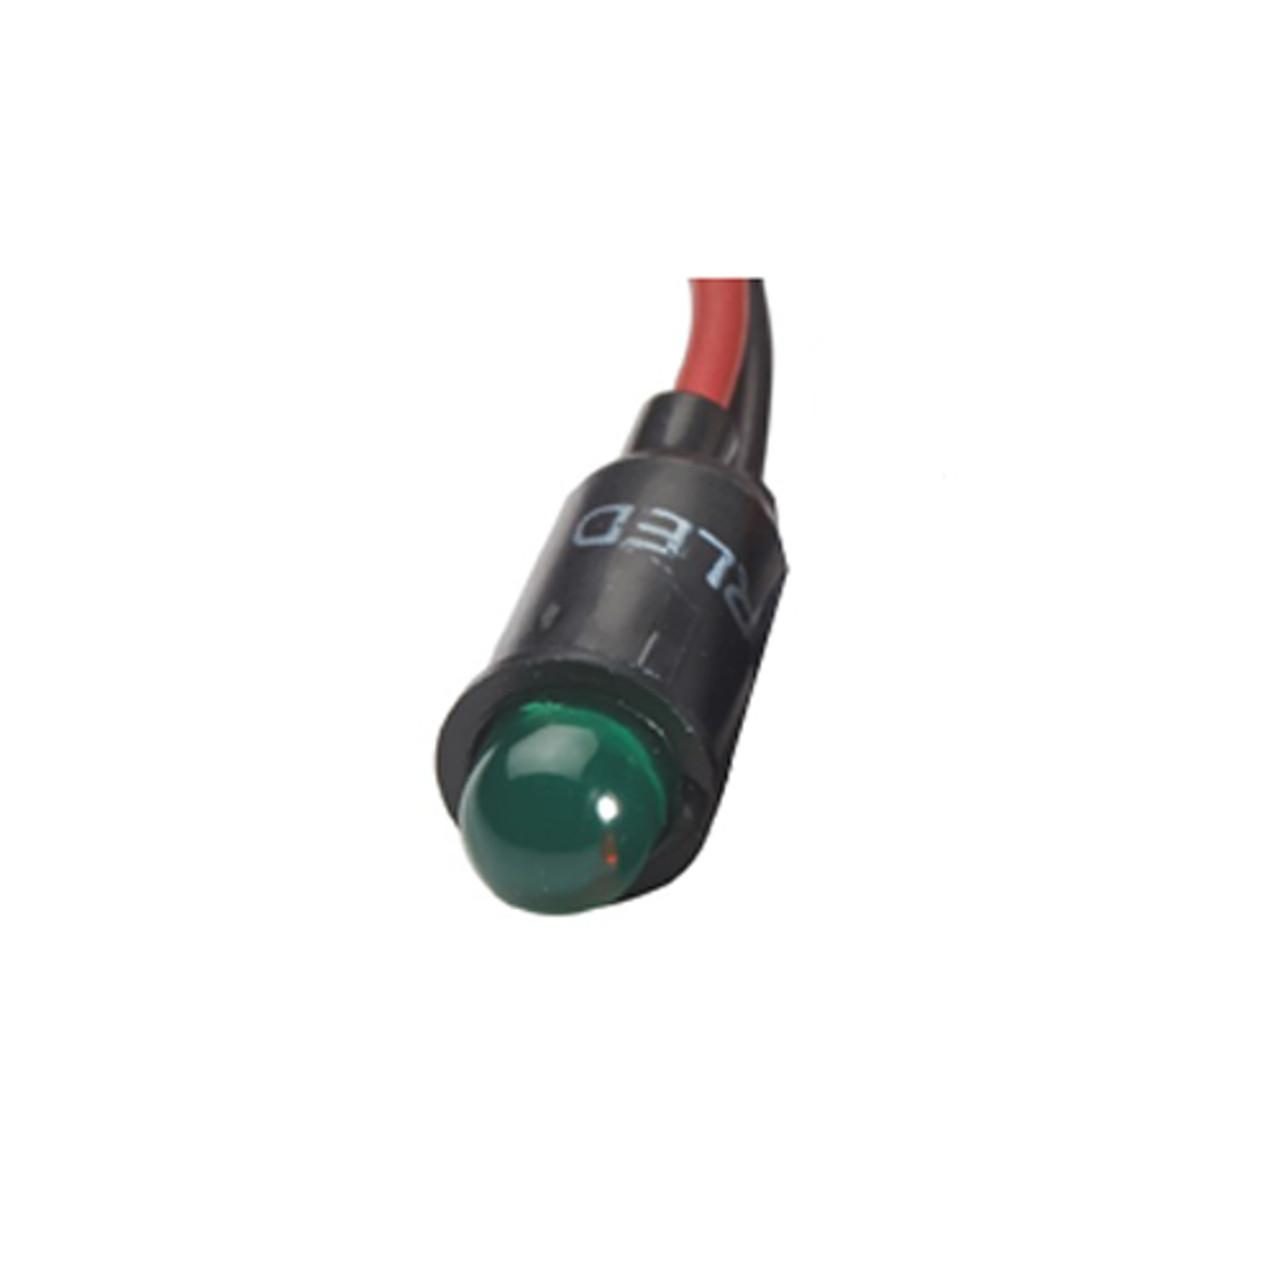 ASP-LDG ASP Alarm Control Green LED